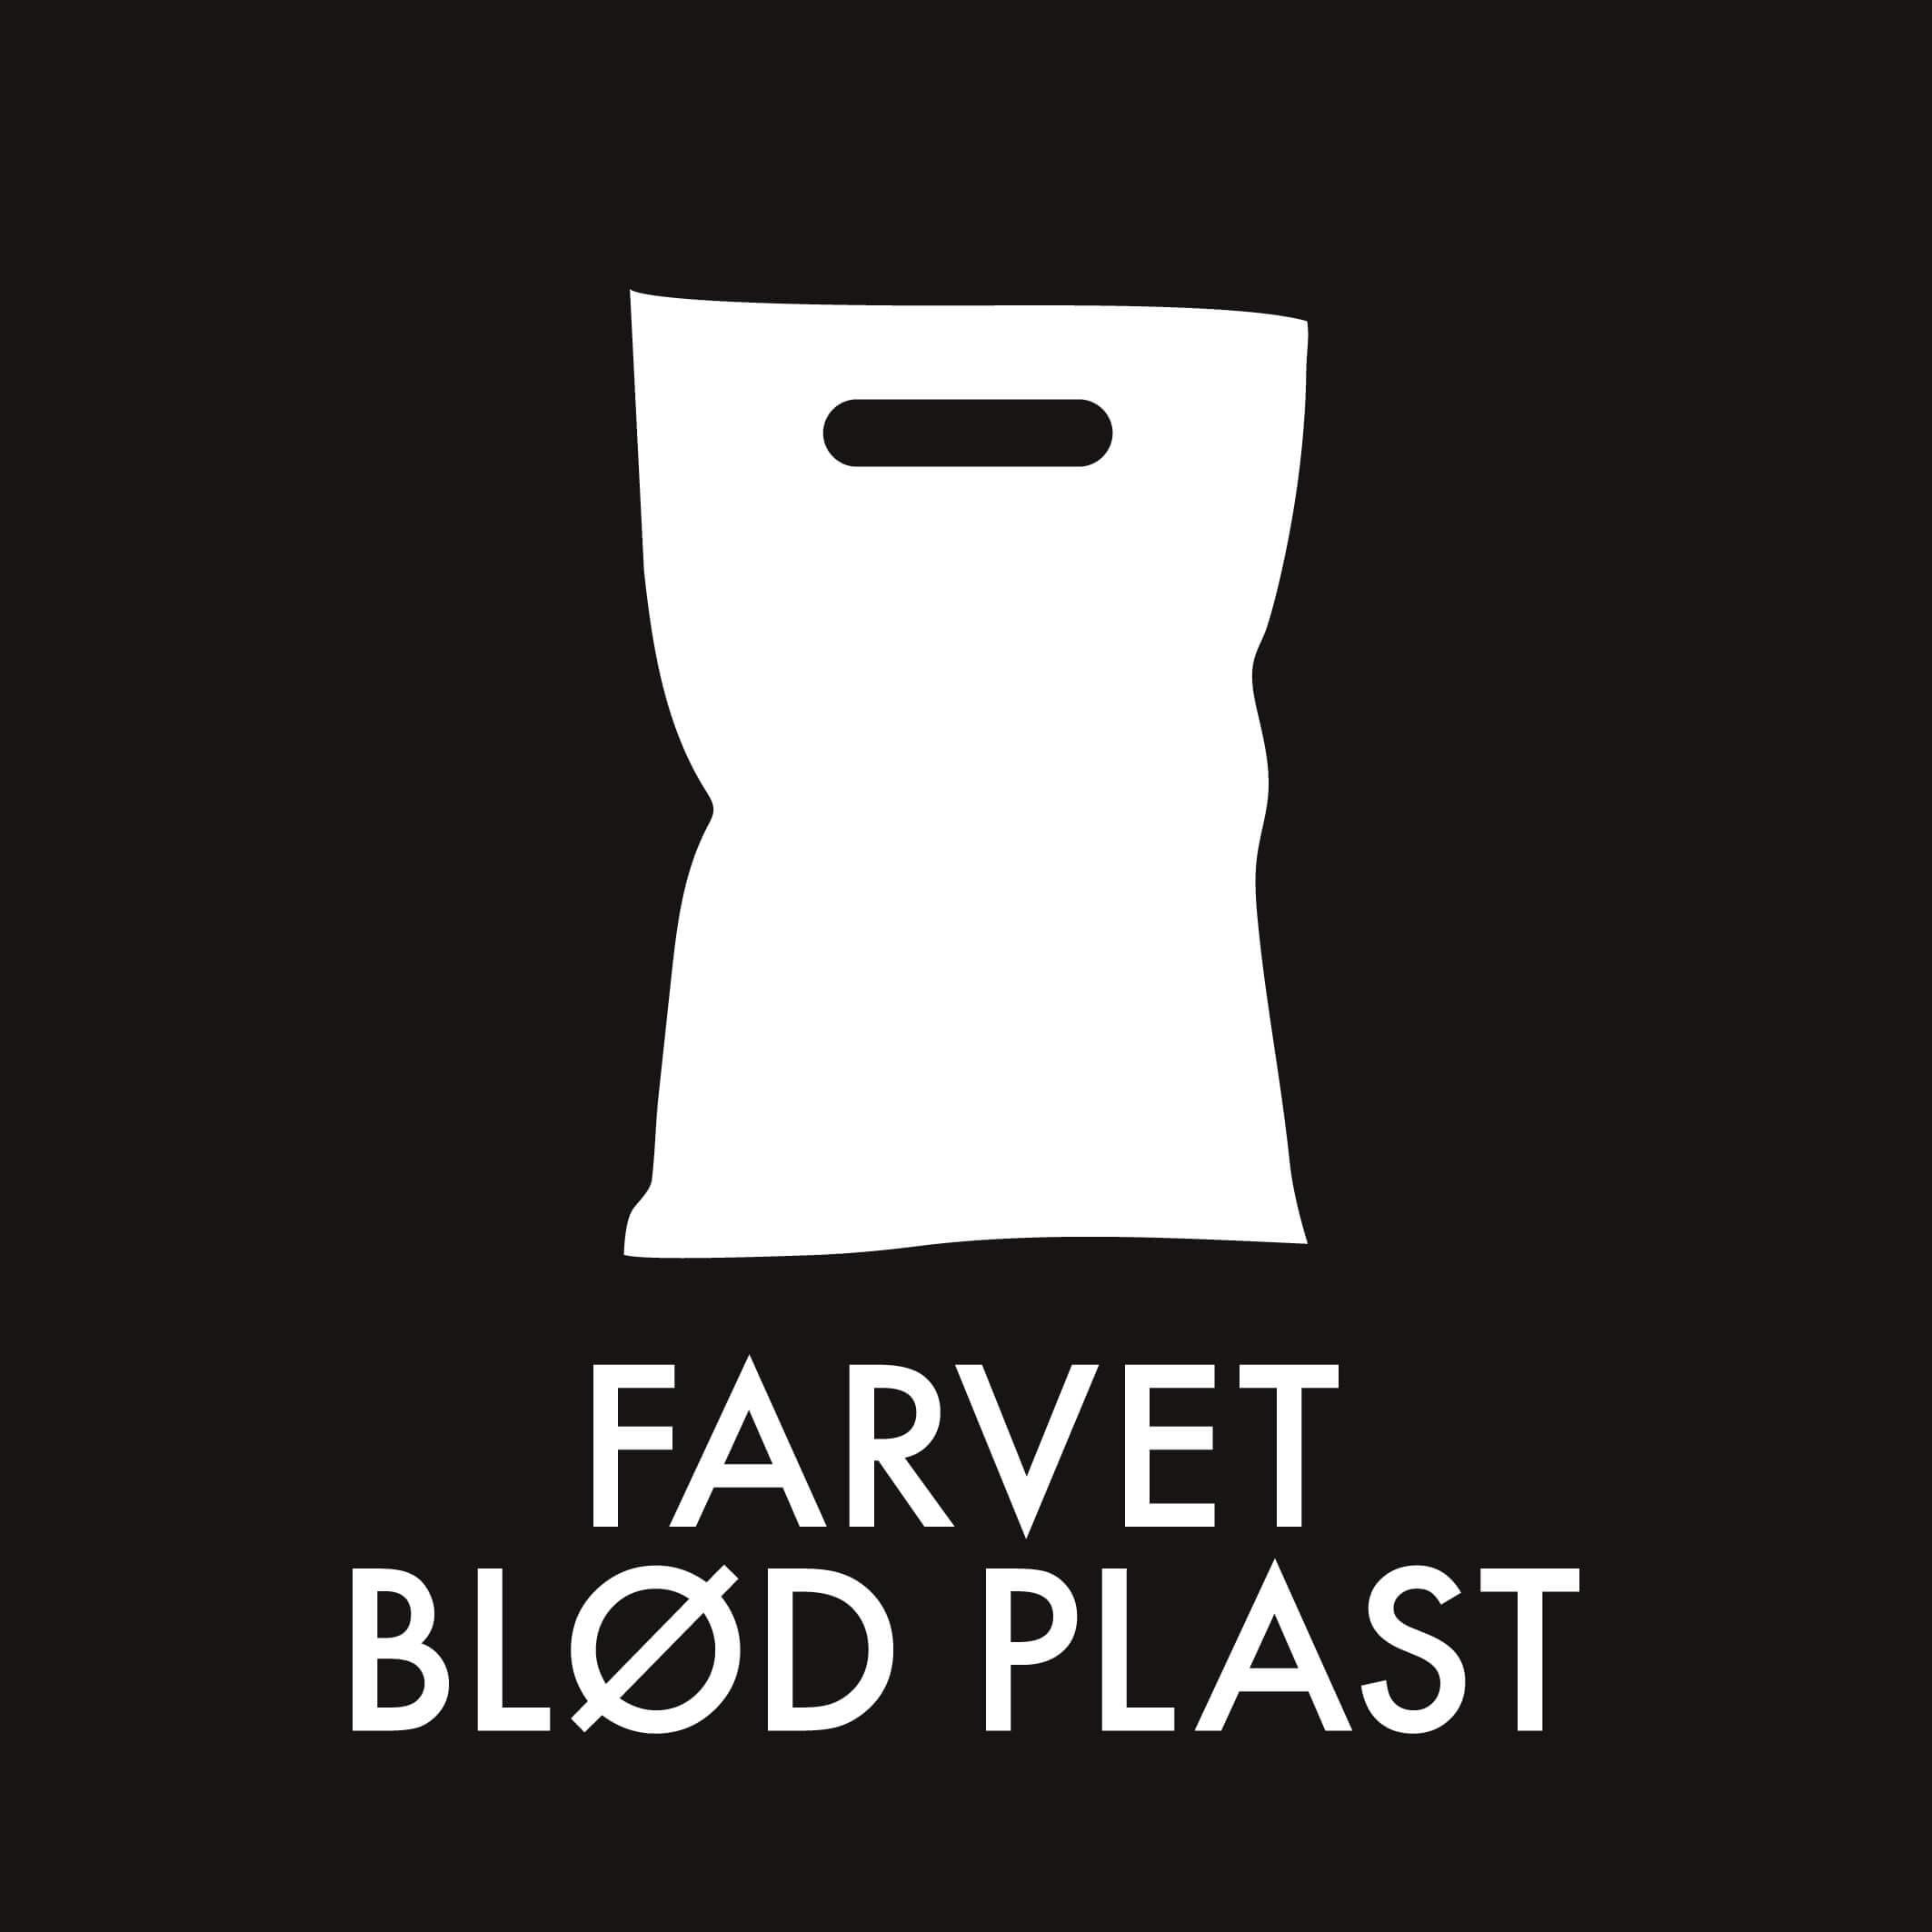 Dansk Affaldssortering - Farvet blød plast sort